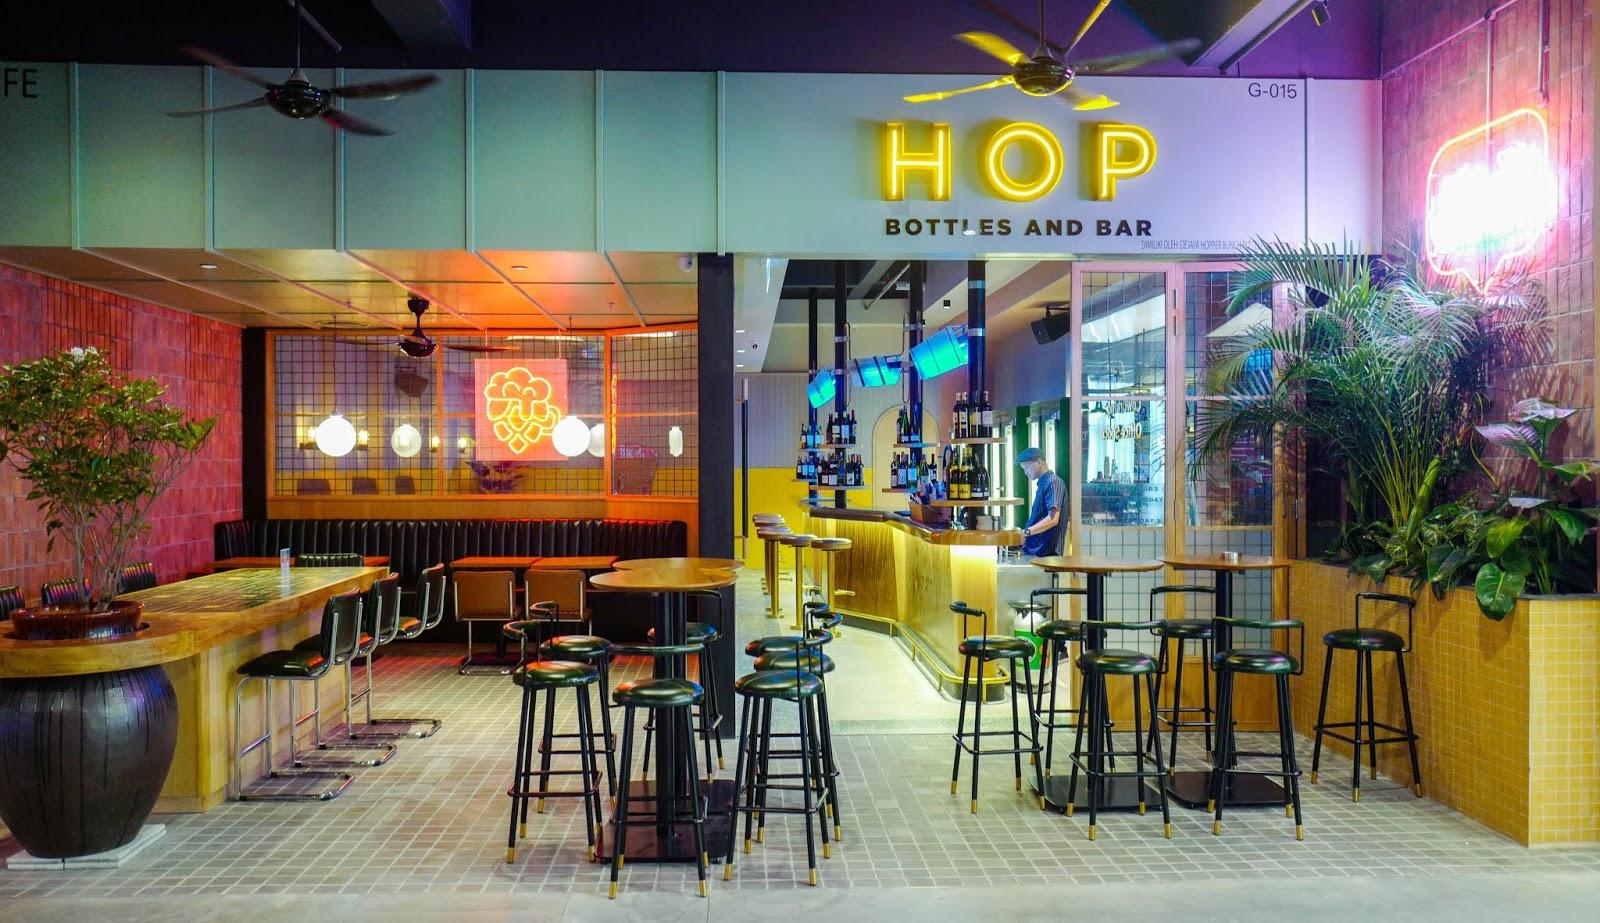 Hop Beer Bar, Jaya One